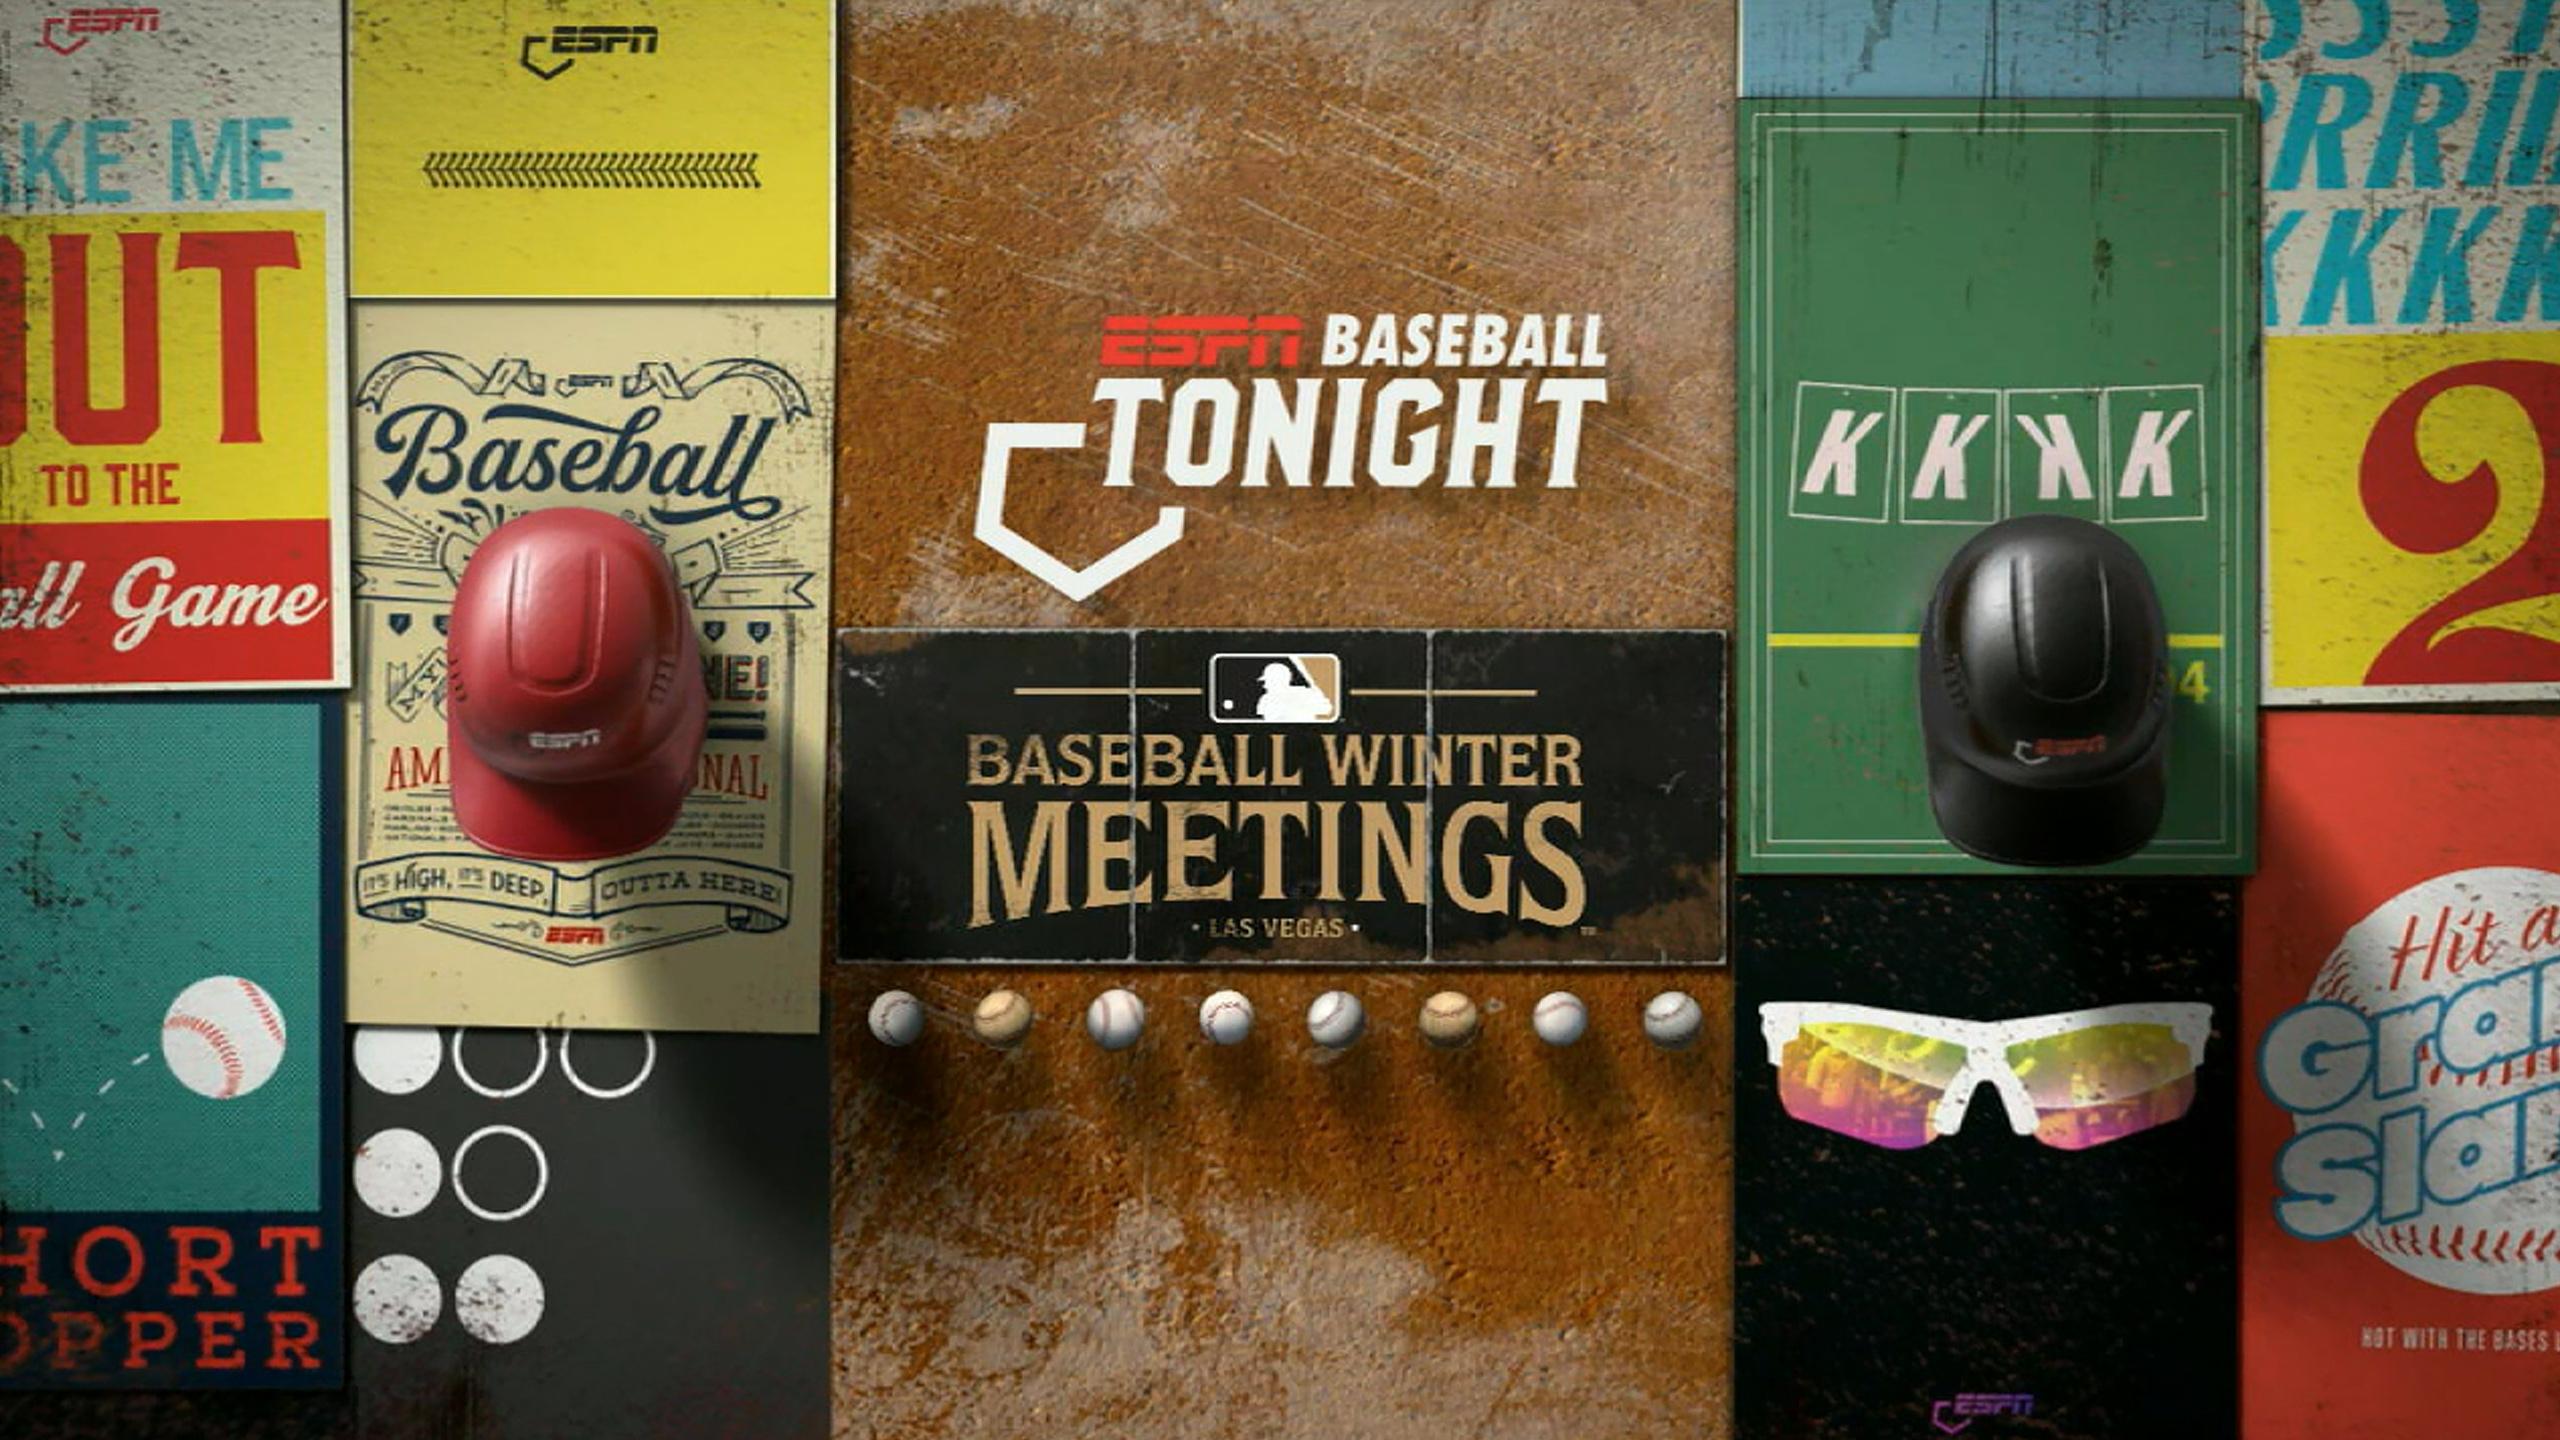 Baseball Tonight: Winter Meetings